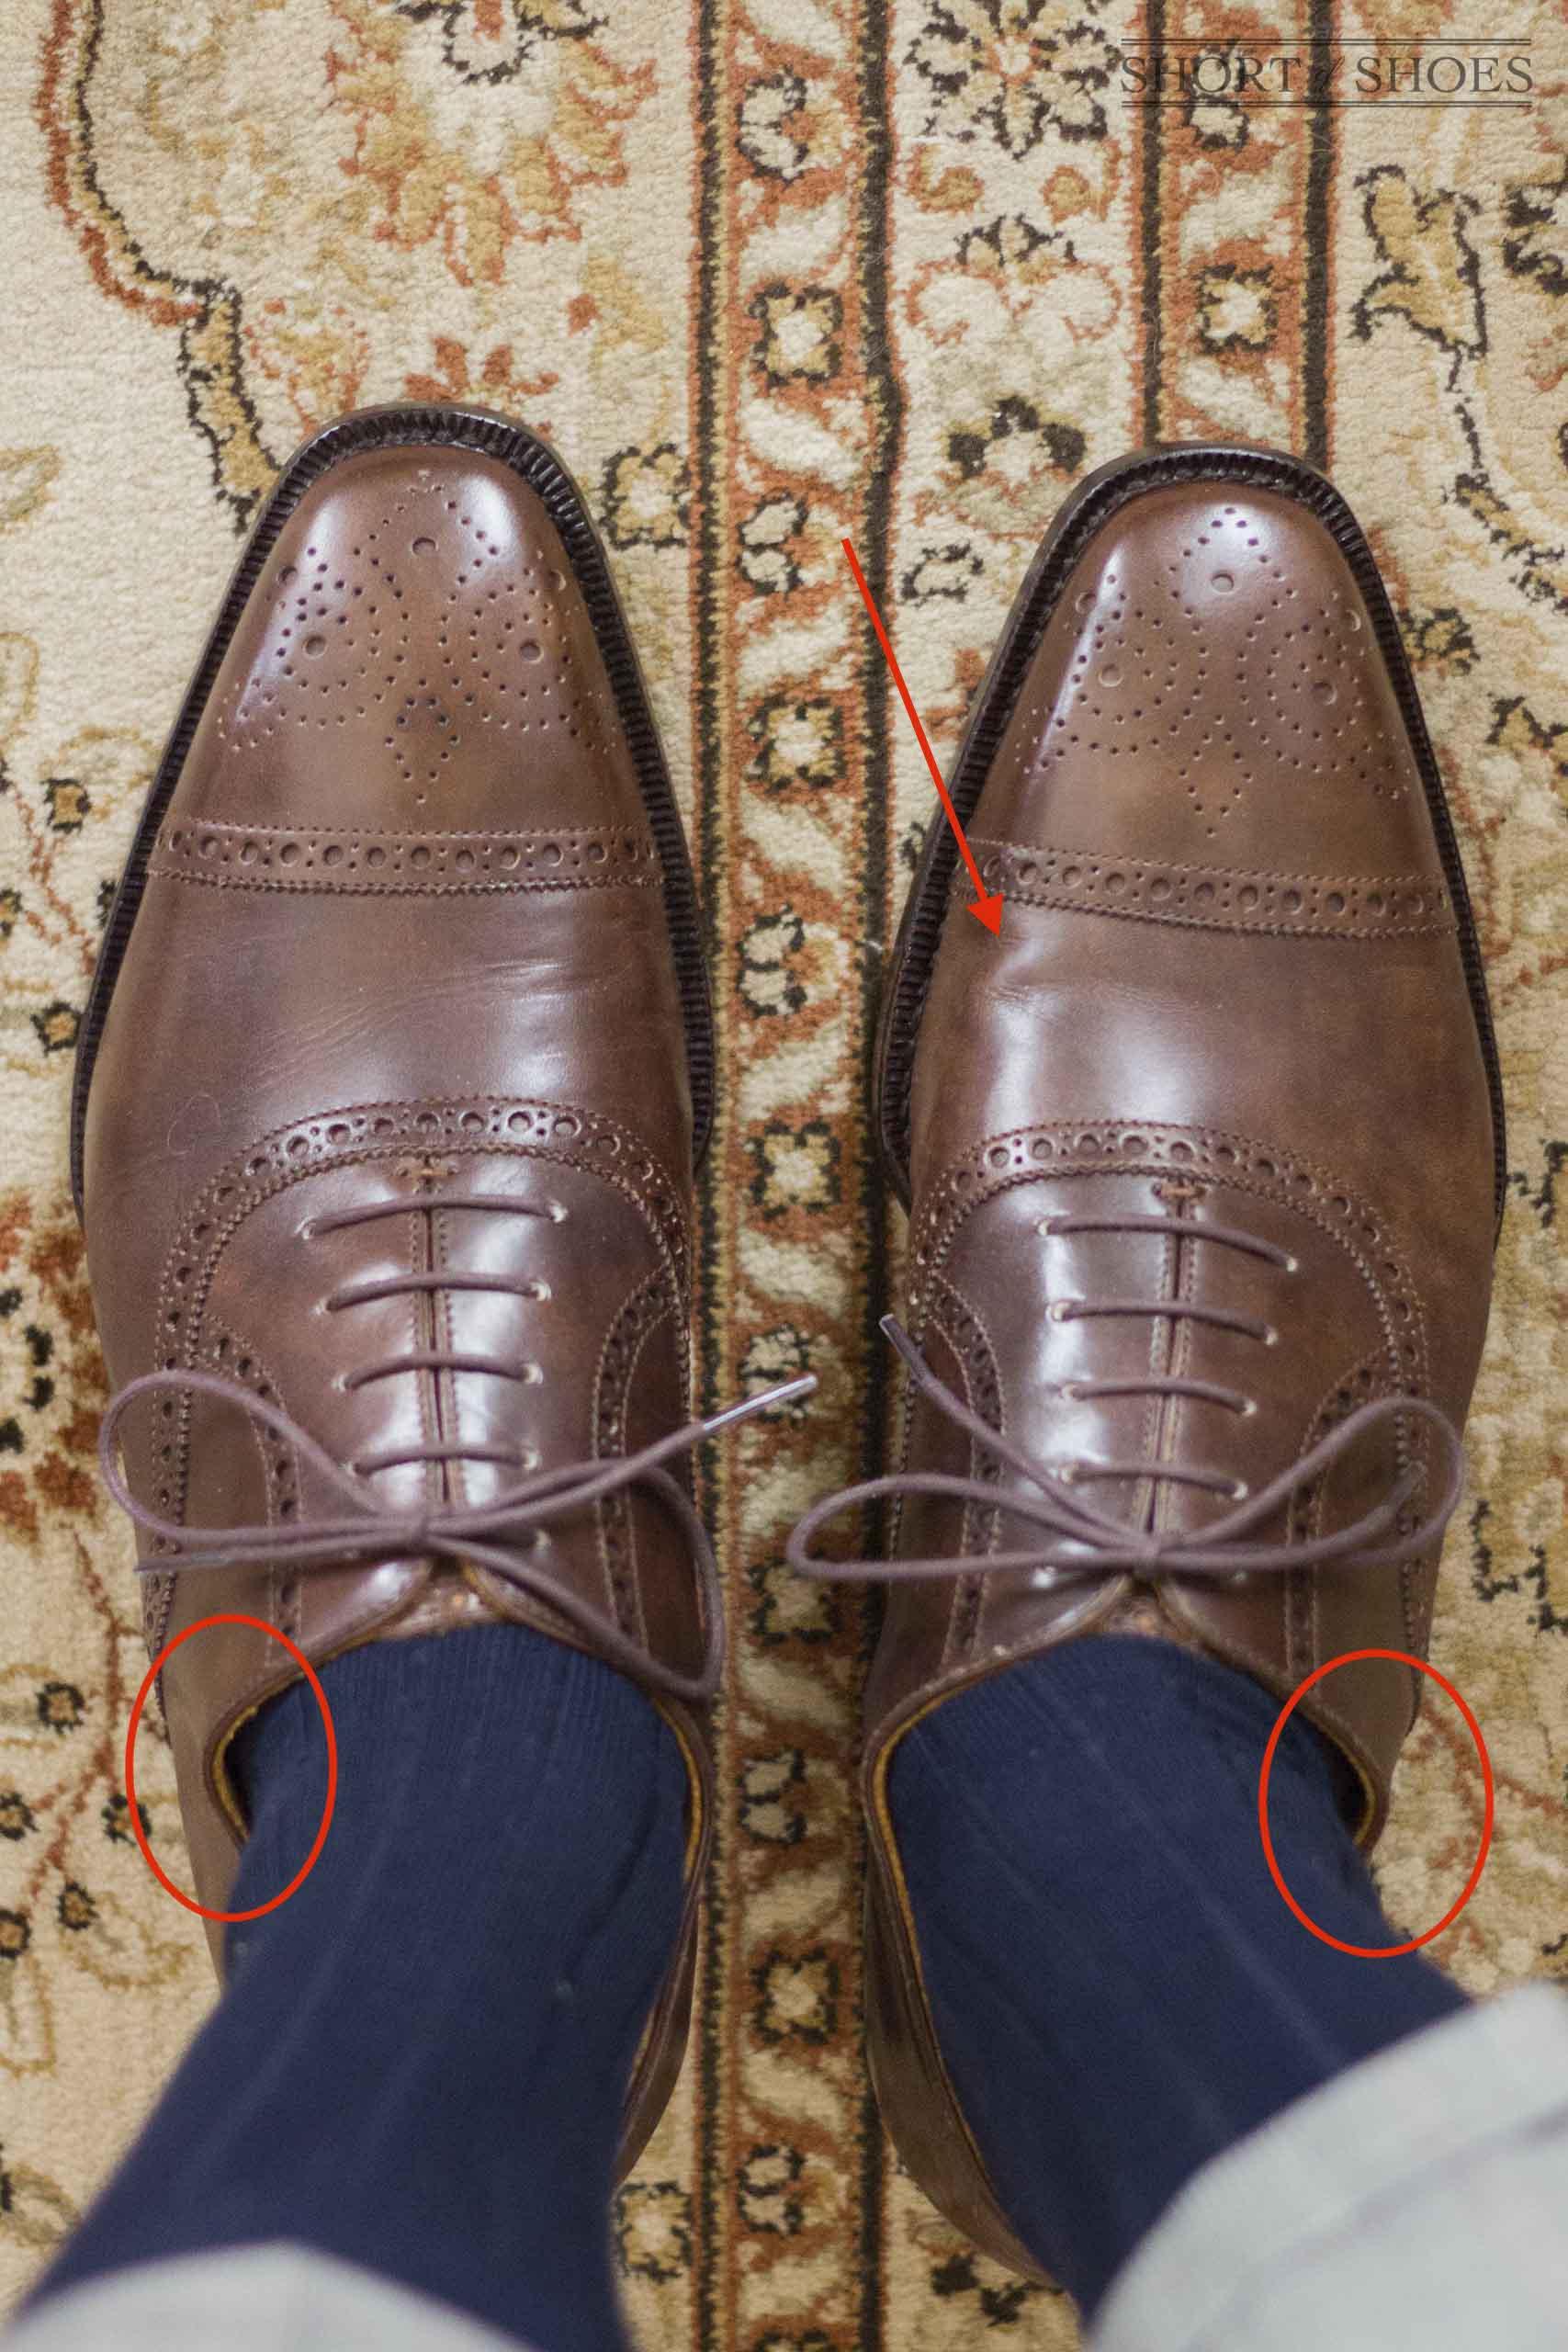 Une photo très intéressante, il est impossible de dire si cette personne a des pieds plats. Néanmoins, il est évident qu'elle a un cou-de-pied bas et de faible volume. De plus elle se plaint d'avoir un talon étroit mais des orteils larges, conduisant à un avoir un pied difficile à chausser. Notez comme les garants se touchent alors que la paire n'est pas adaptée, comme nous l'indiquions cet élément n'est pas ultime dans la détermination de la taille qui vous convient. Notez également le bourrelet indiqué par le flèche rouge, signe que la paire va possiblement très fortement plisser dans cette zone. (Source : Styleforum)